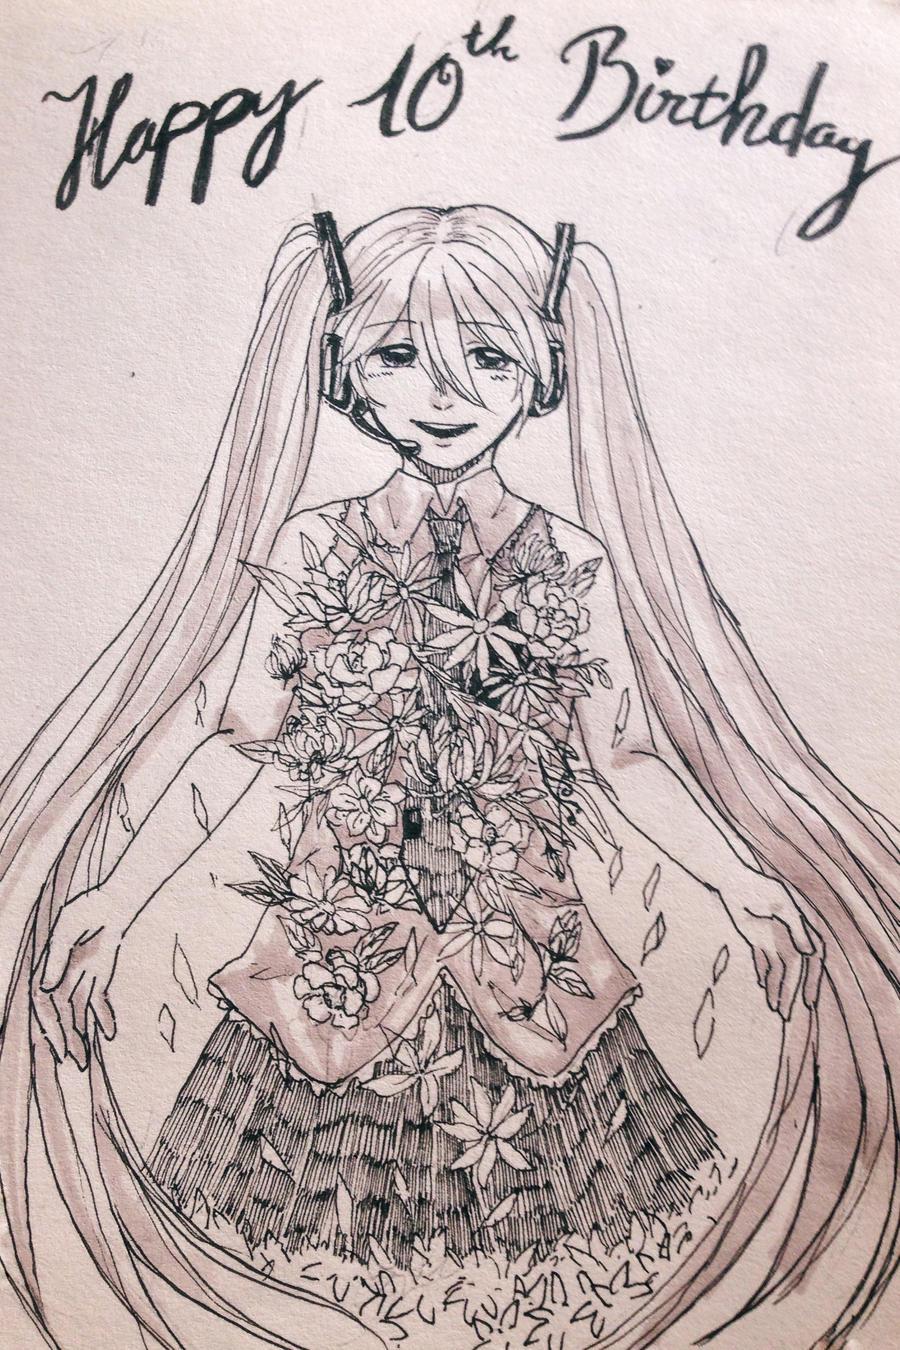 [Fanart] Happy birthday! by HiiragiAzayaka